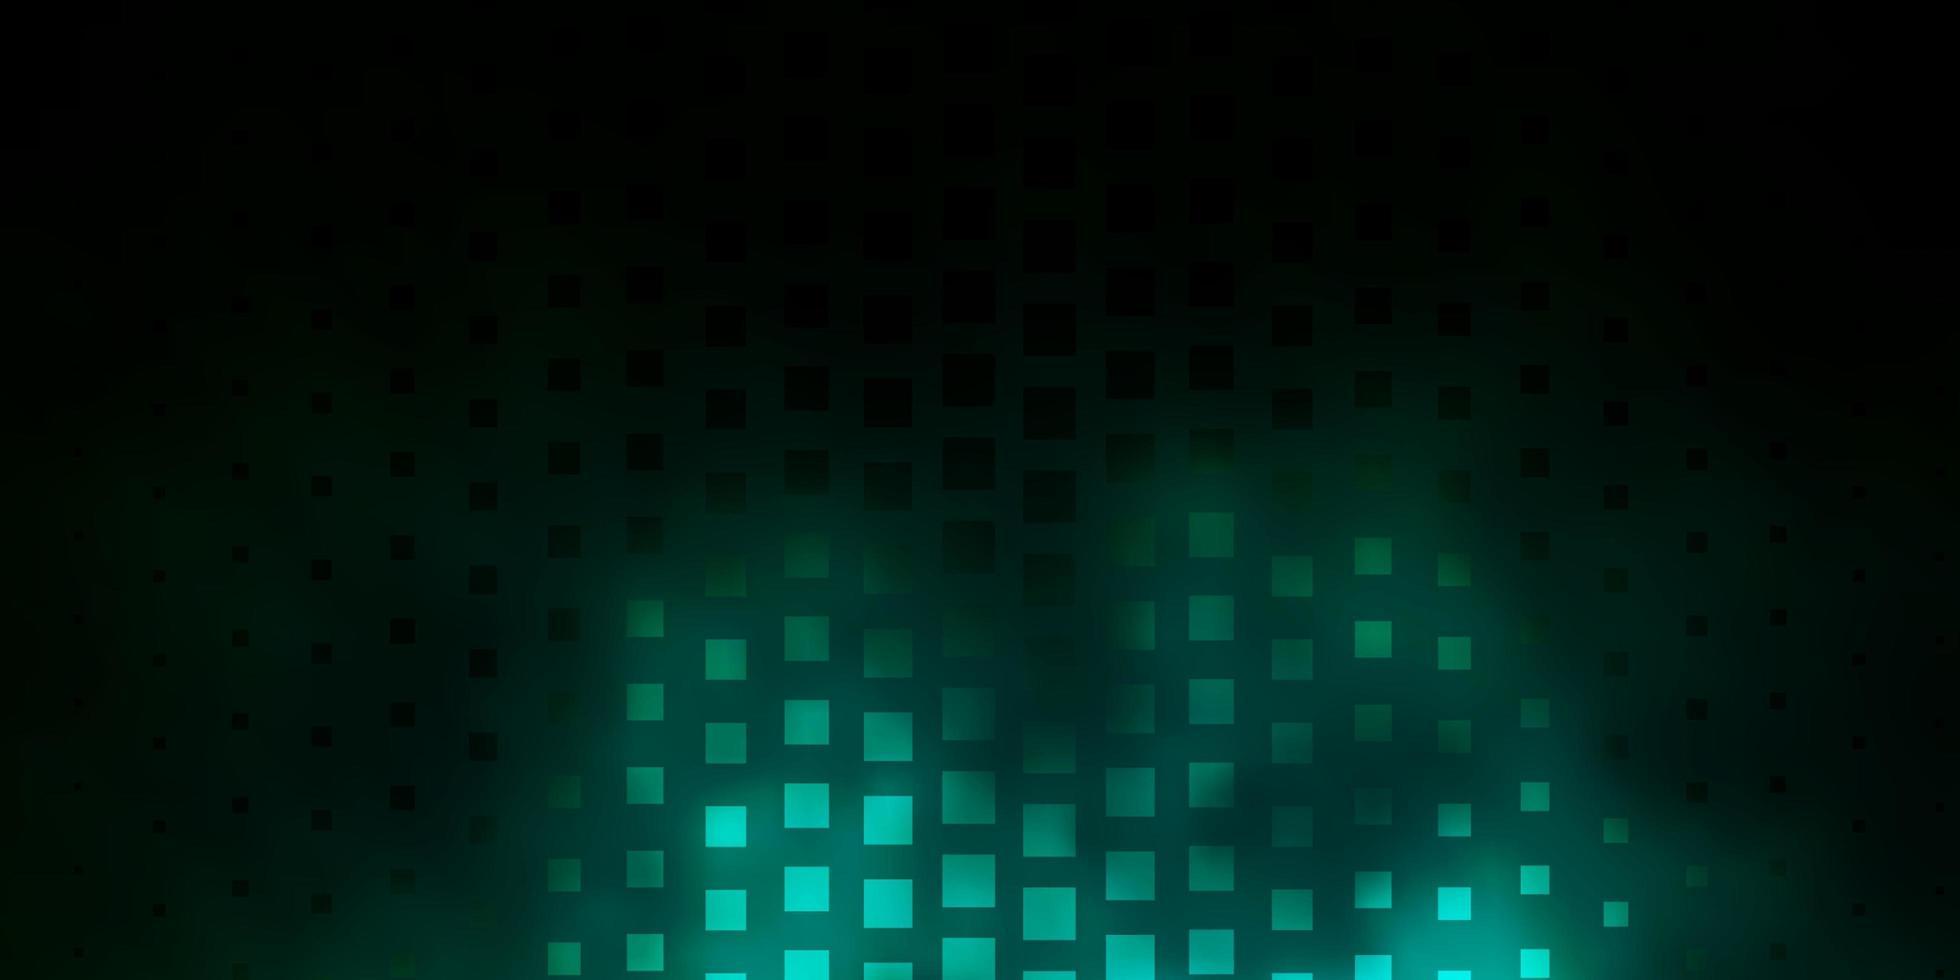 donkergroene vector achtergrond met rechthoeken.